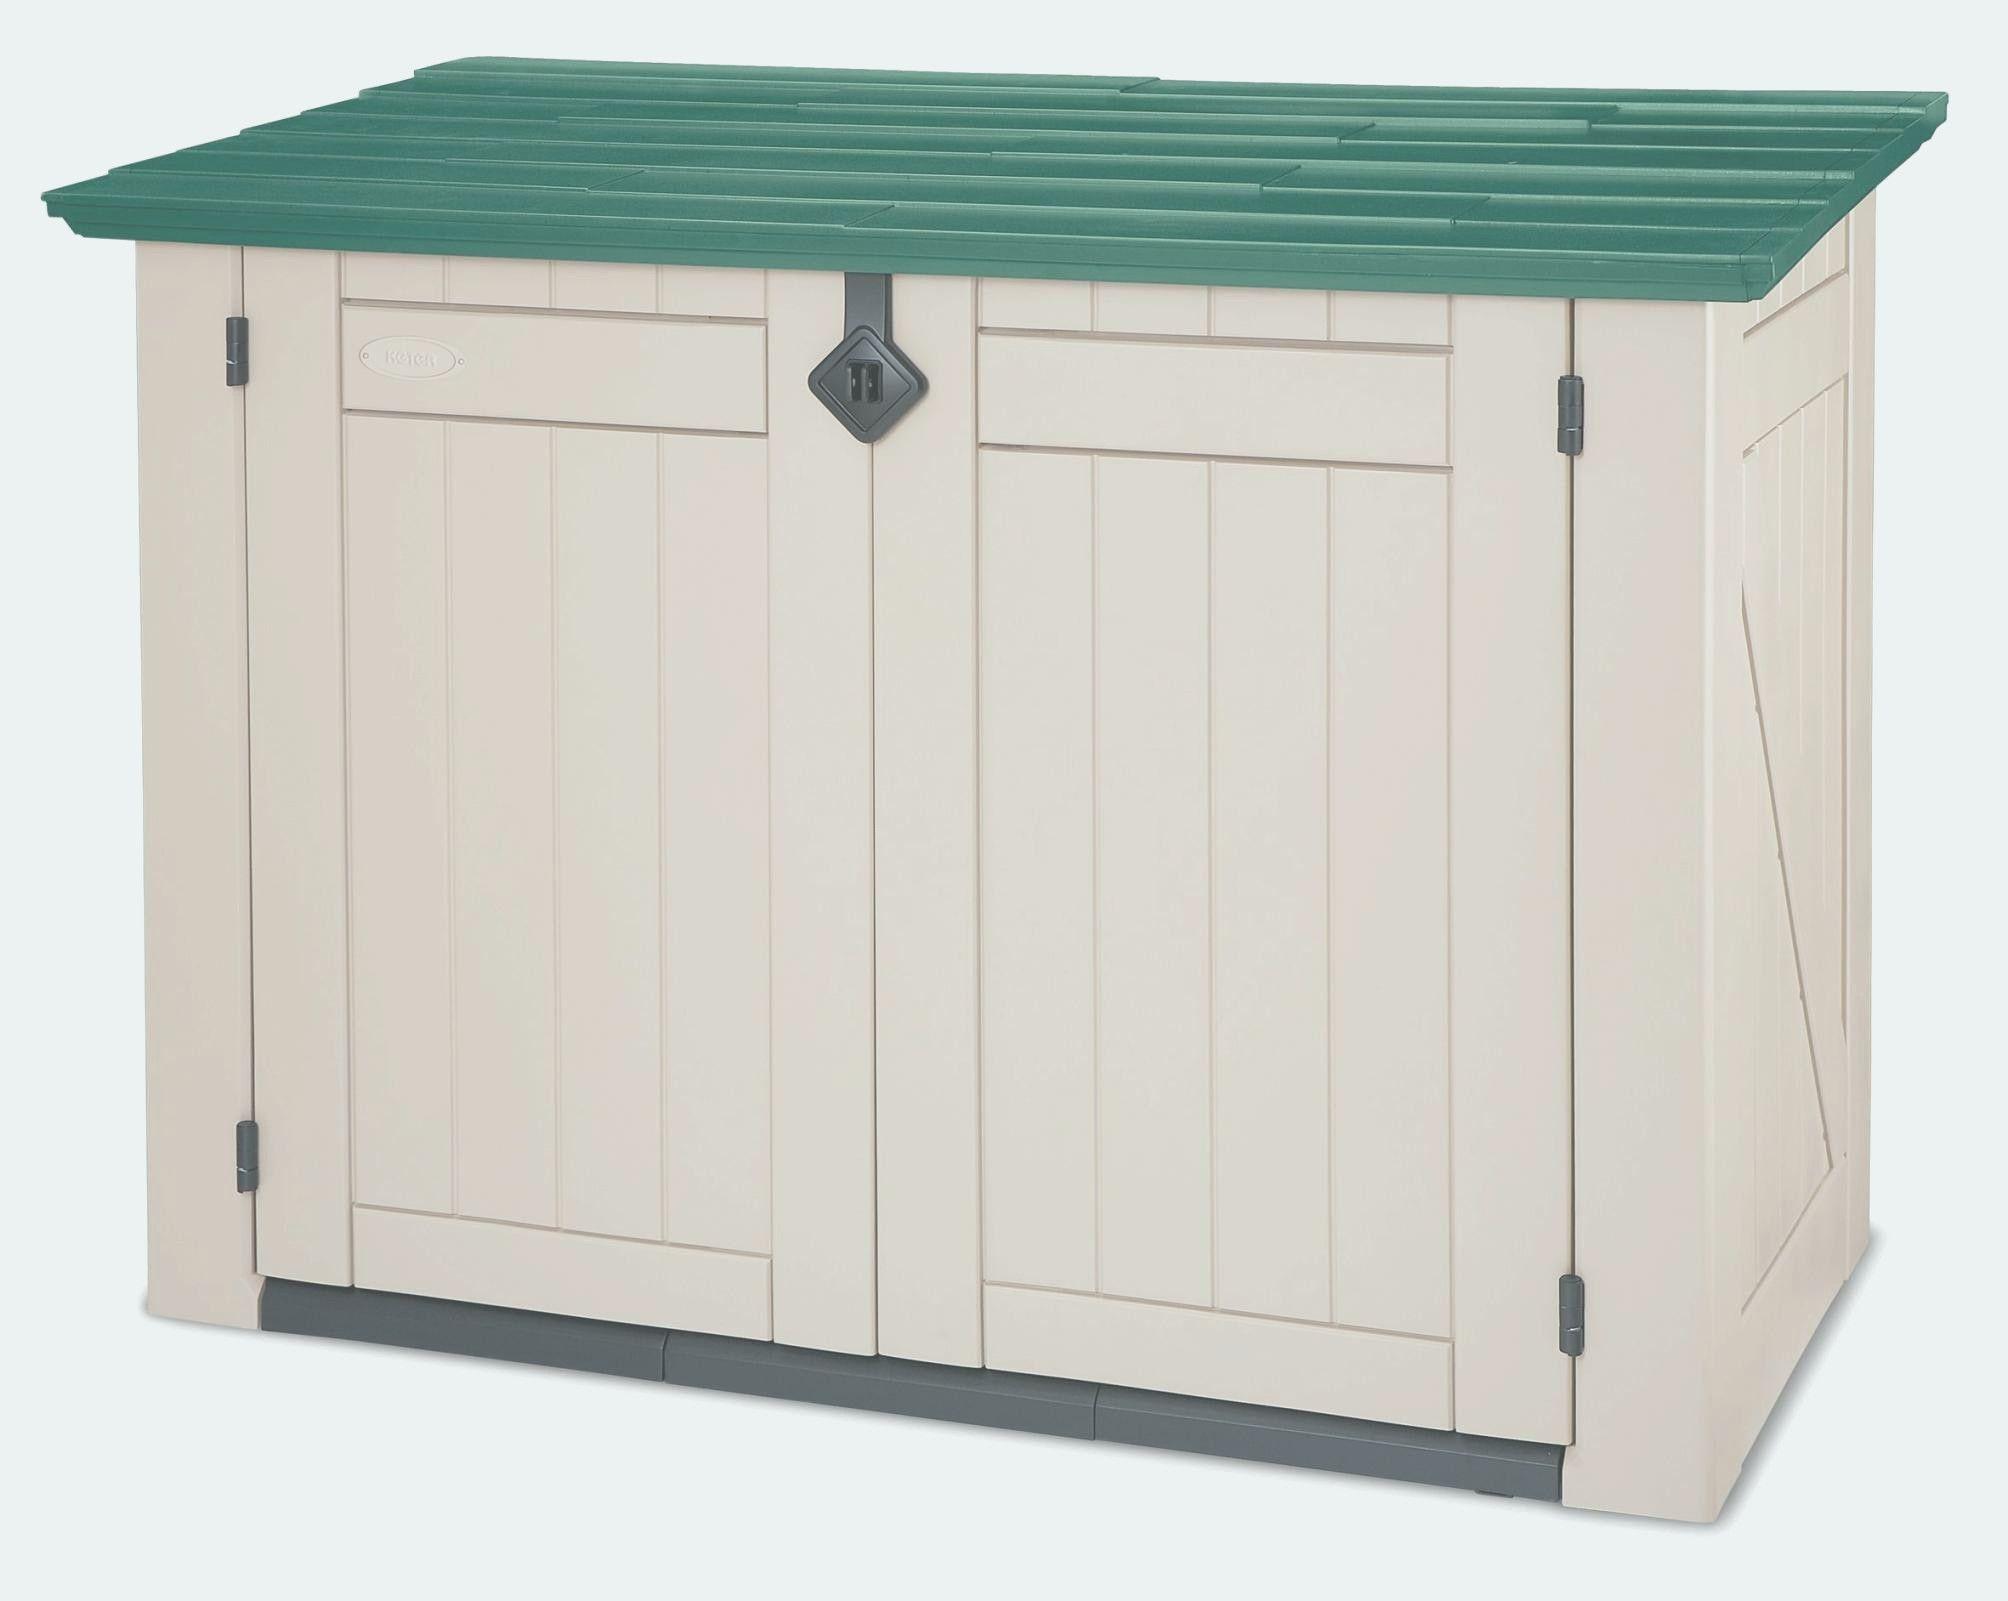 30 Luxe Etagere Atelier Brico Depot Idées - destiné Cabanon De Jardin Brico Depot